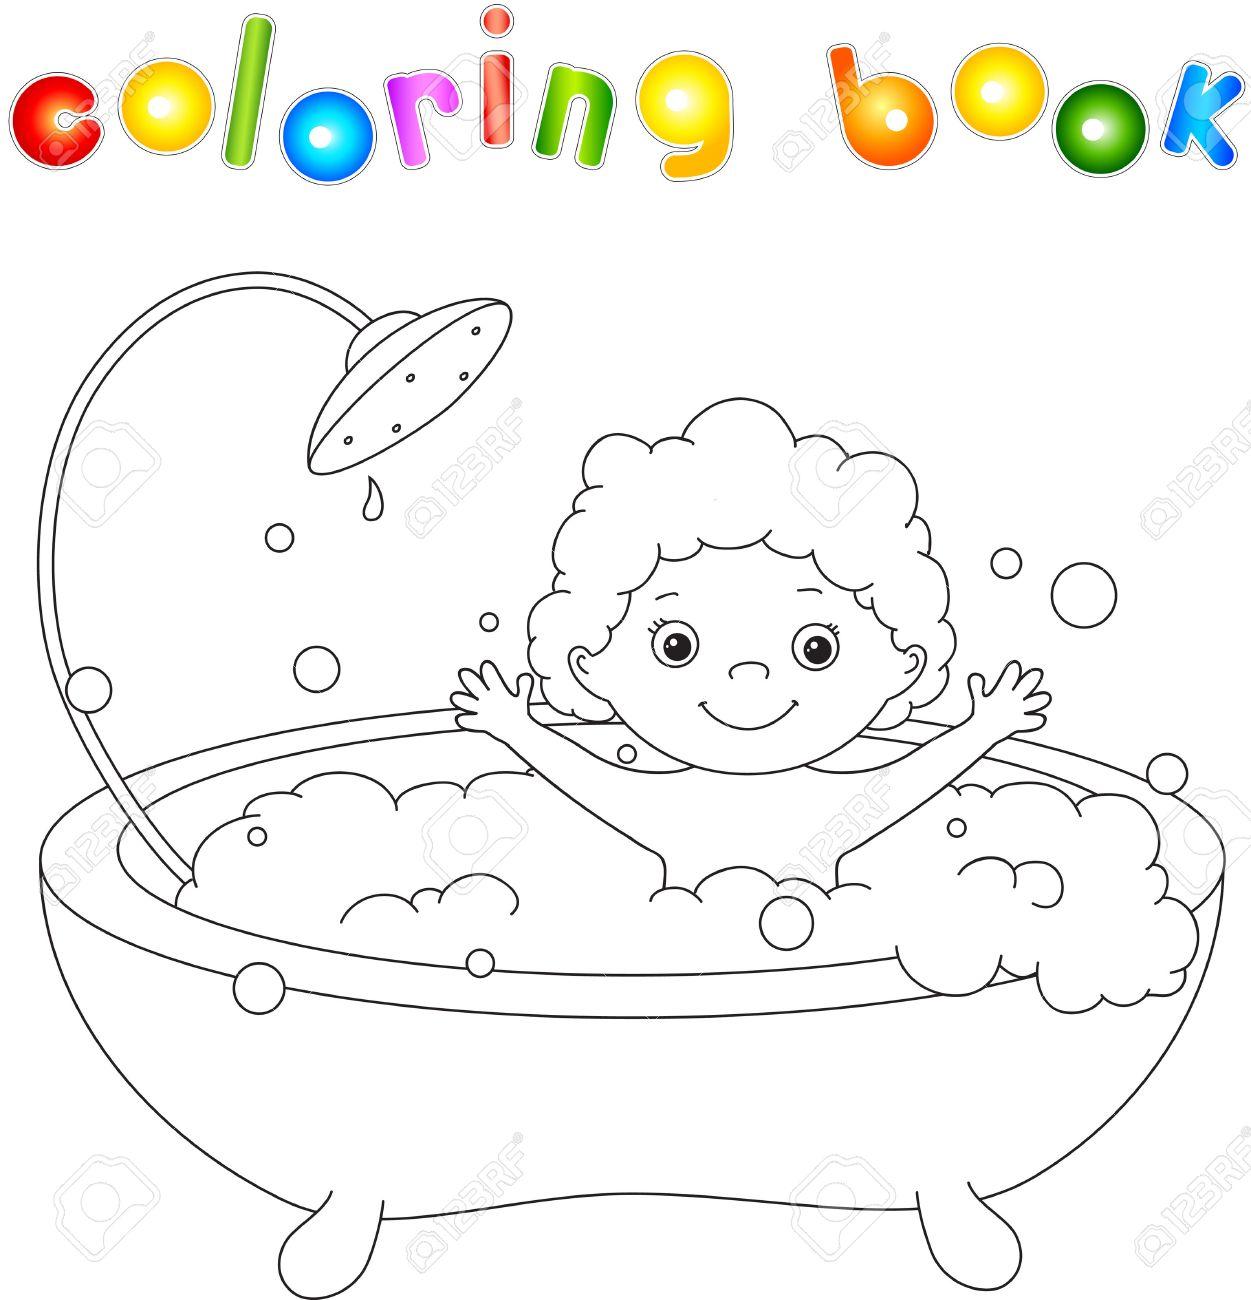 Bañarse Niño Ute En El Baño Con Espuma Y Riendo Libro Para Colorear Ilustración Vectorial